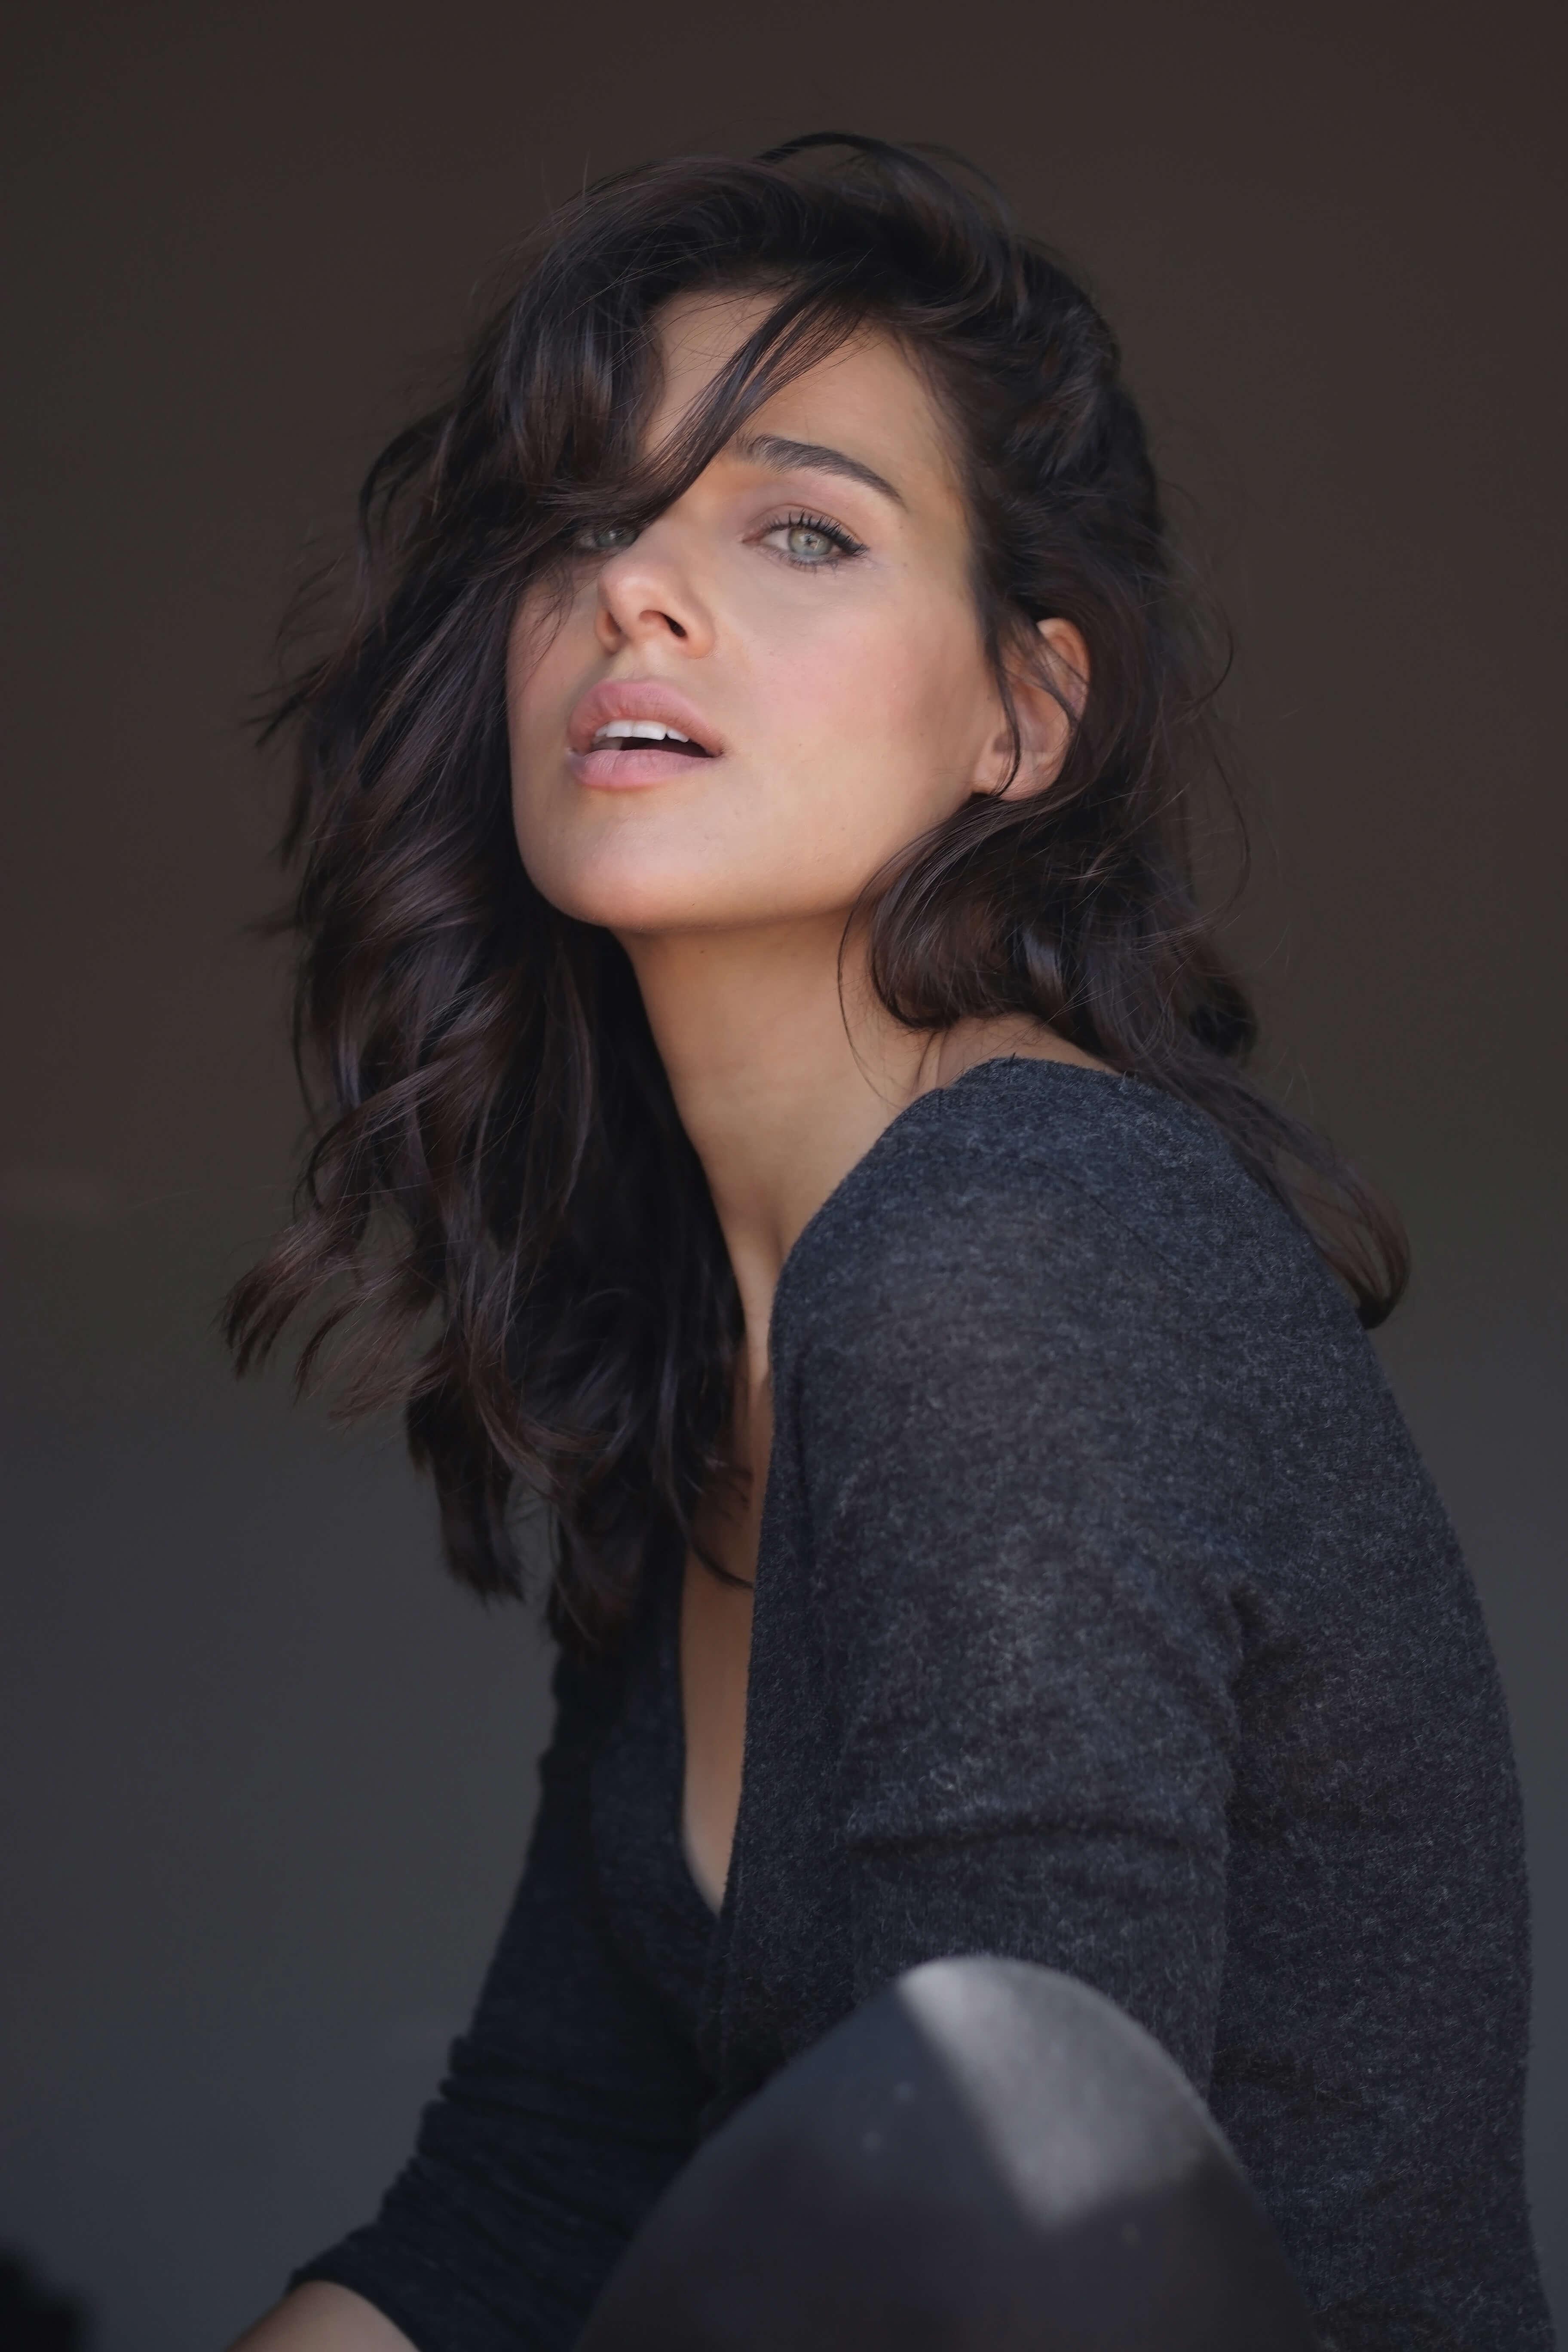 biografía iris lezcano actriz